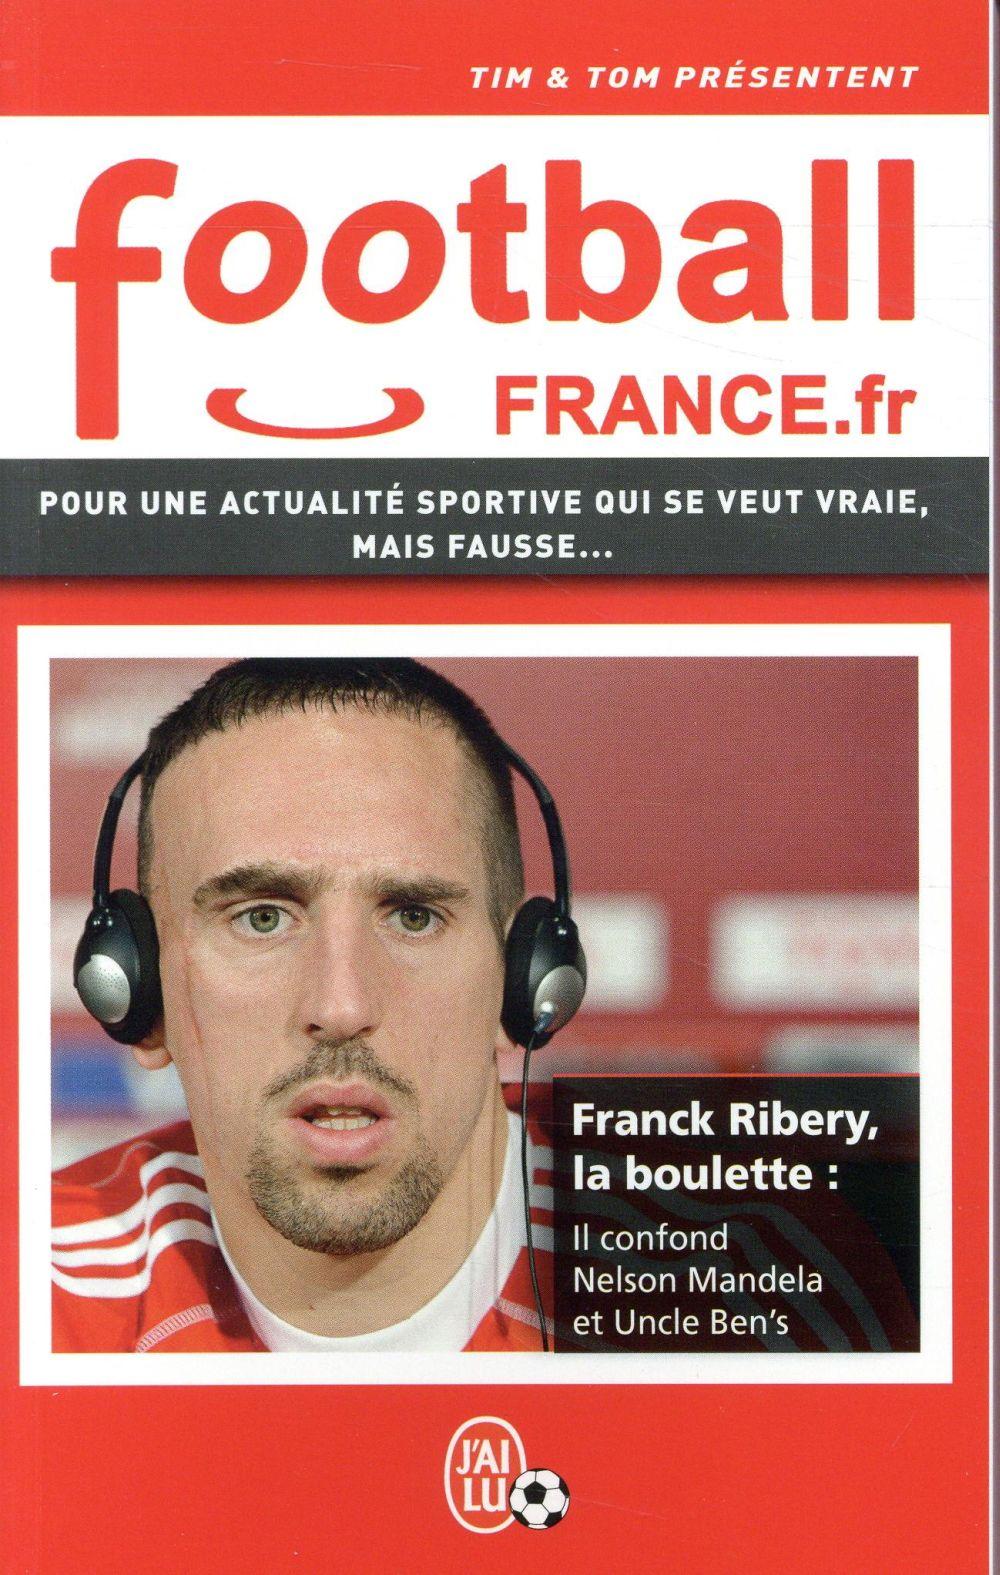 Football france.fr ; pour une actualité sportive qui se veut vraie, mais fausse...